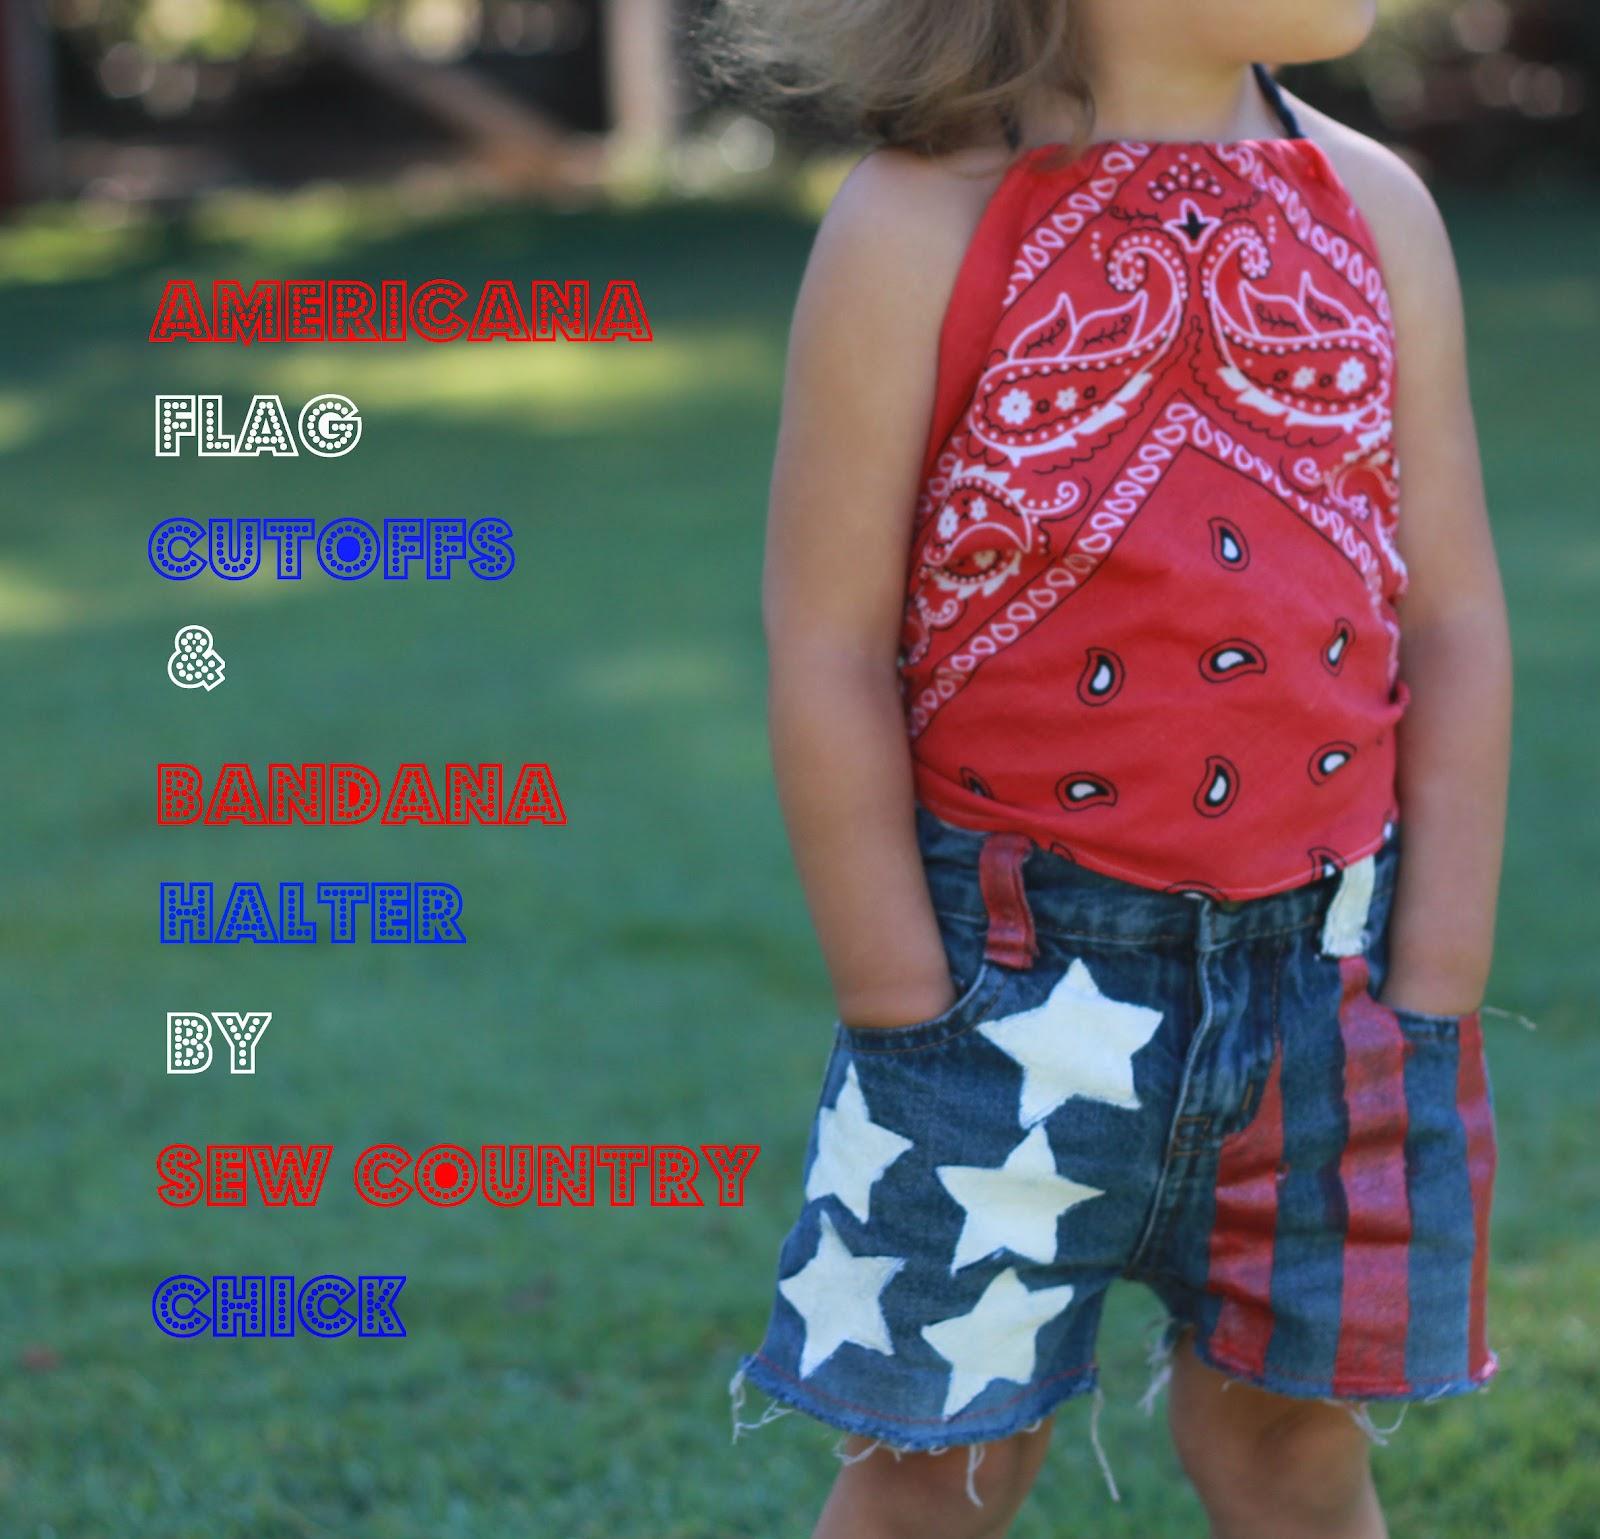 American flag cutoffs bandana halter top tutorial baditri Gallery